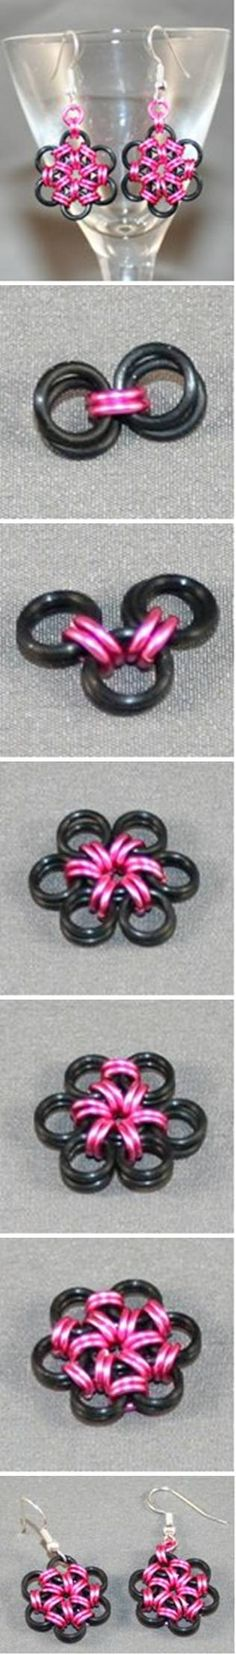 DIY Creative Metal Ring Earrings DIY Projects   UsefulDIY.com Follow Us on Facebook ==> http://www.facebook.com/UsefulDiy